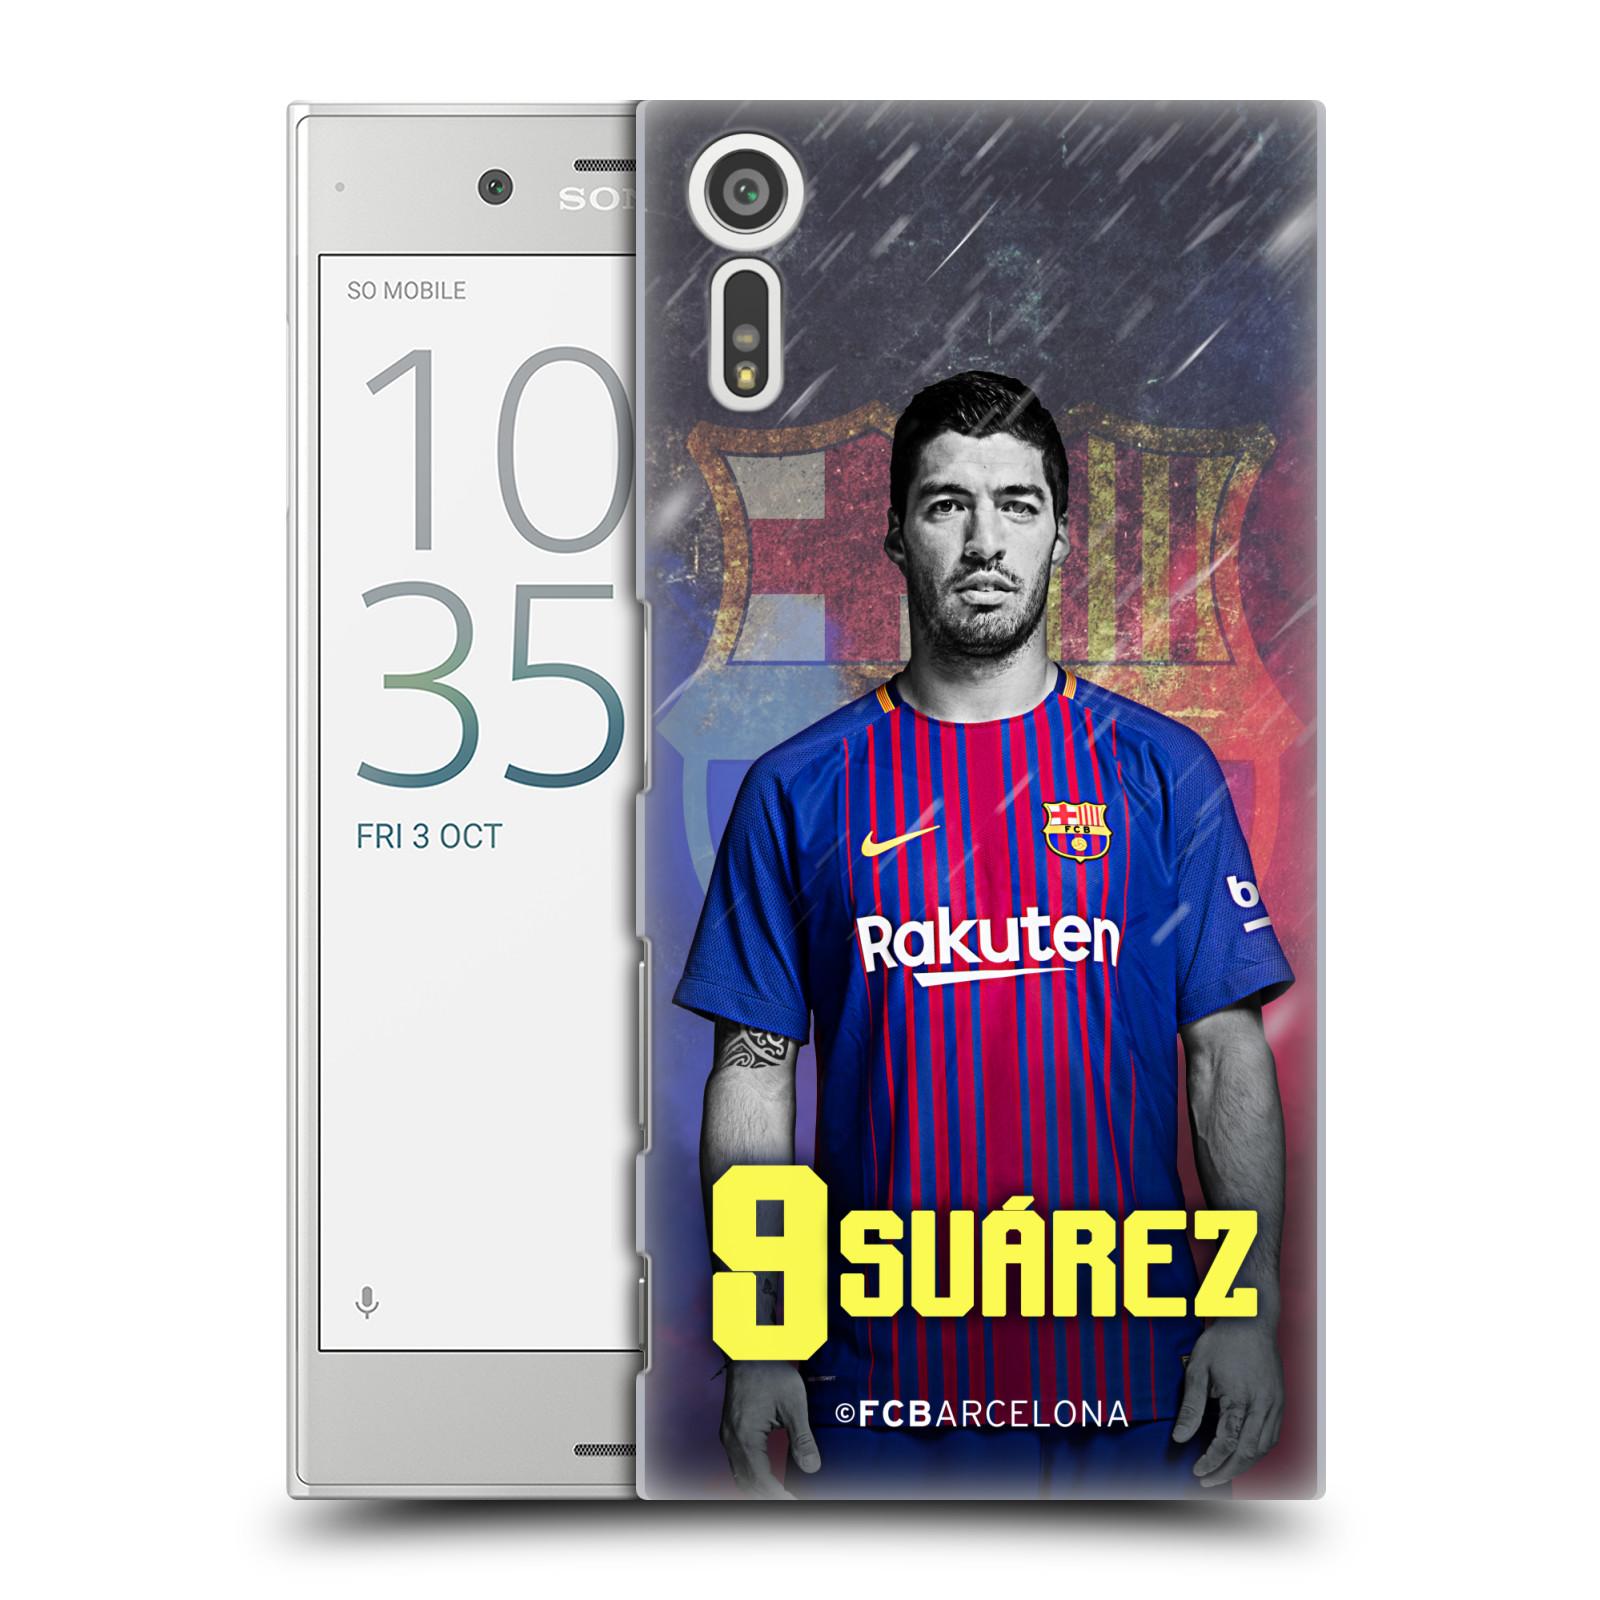 Plastové pouzdro na mobil Sony Xperia XZ - Head Case - FC Barcelona - Luis Suárez 9 (Plastový kryt či obal na mobilní telefon s oficiálním licencovaným motivem FC Barcelona - Luis Suárez 9 pro Sony Xperia XZ F8331 / Sony Xperia XZ Dual F8332)